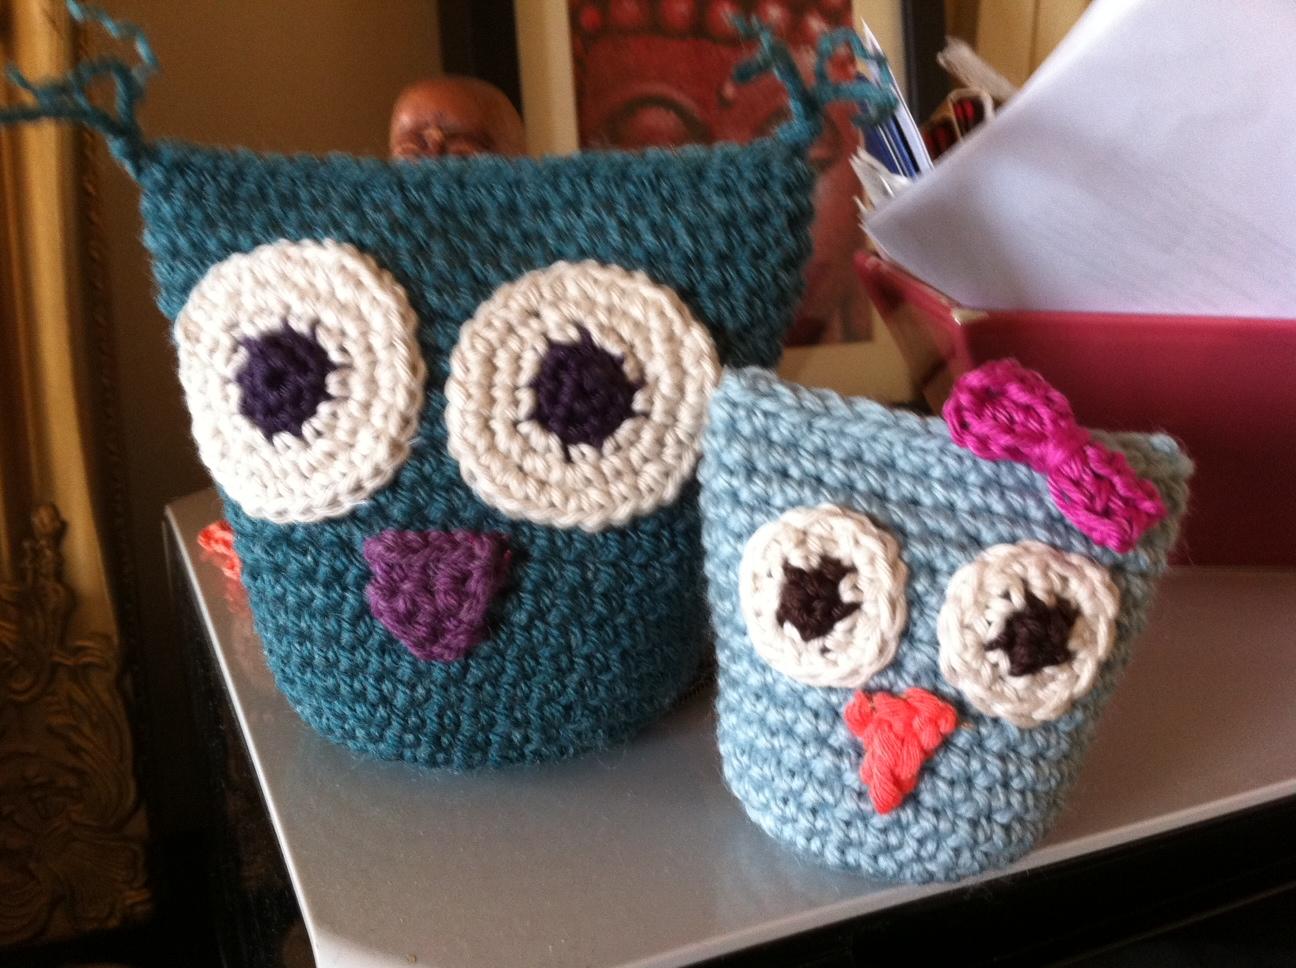 Apprendre a tricoter une cape - Apprendre a tricoter debutant ...